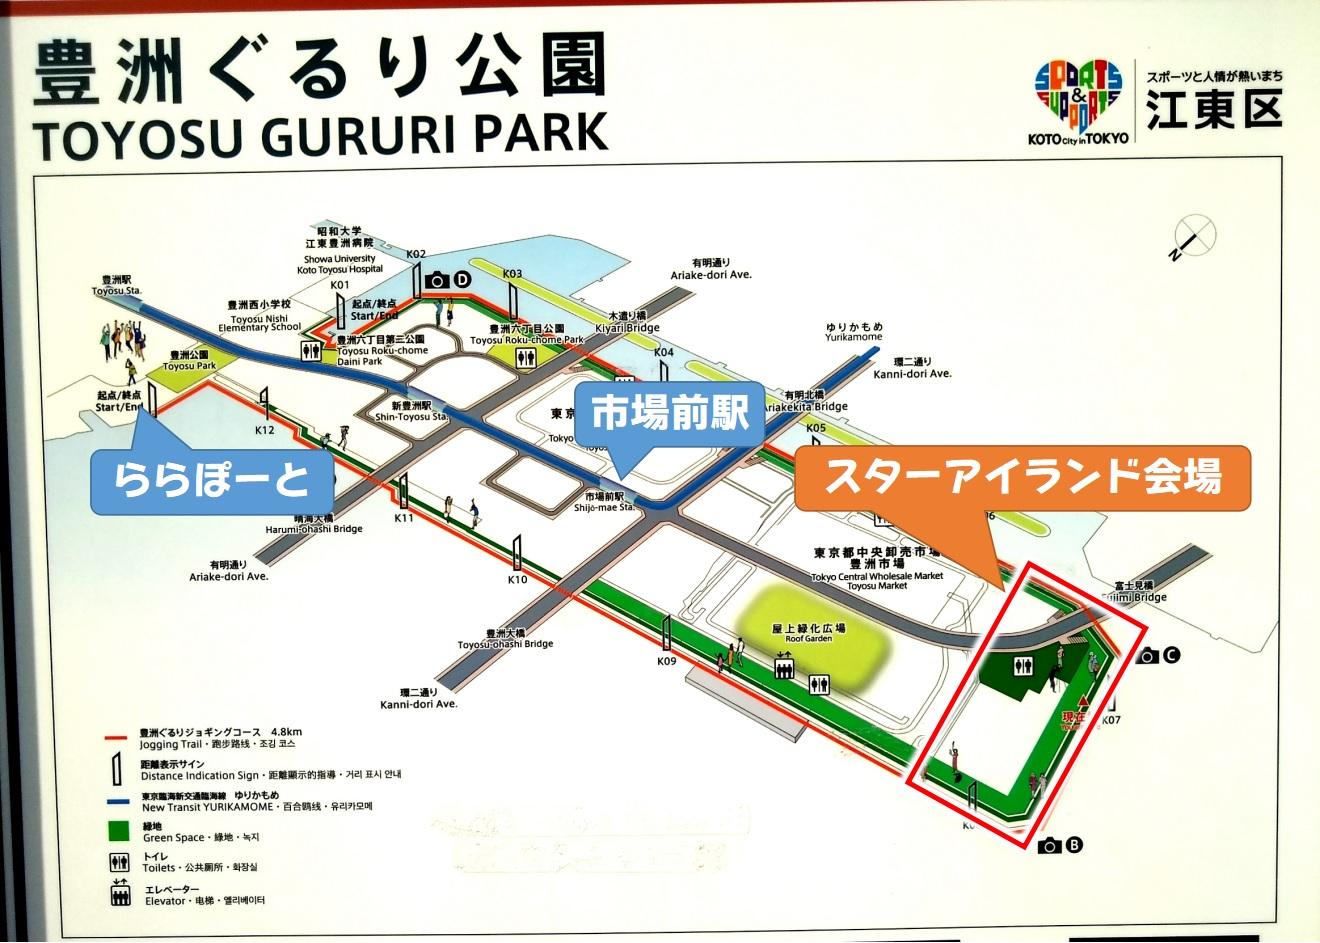 スターアイランド会場の豊洲ぐるり公園の公園地図